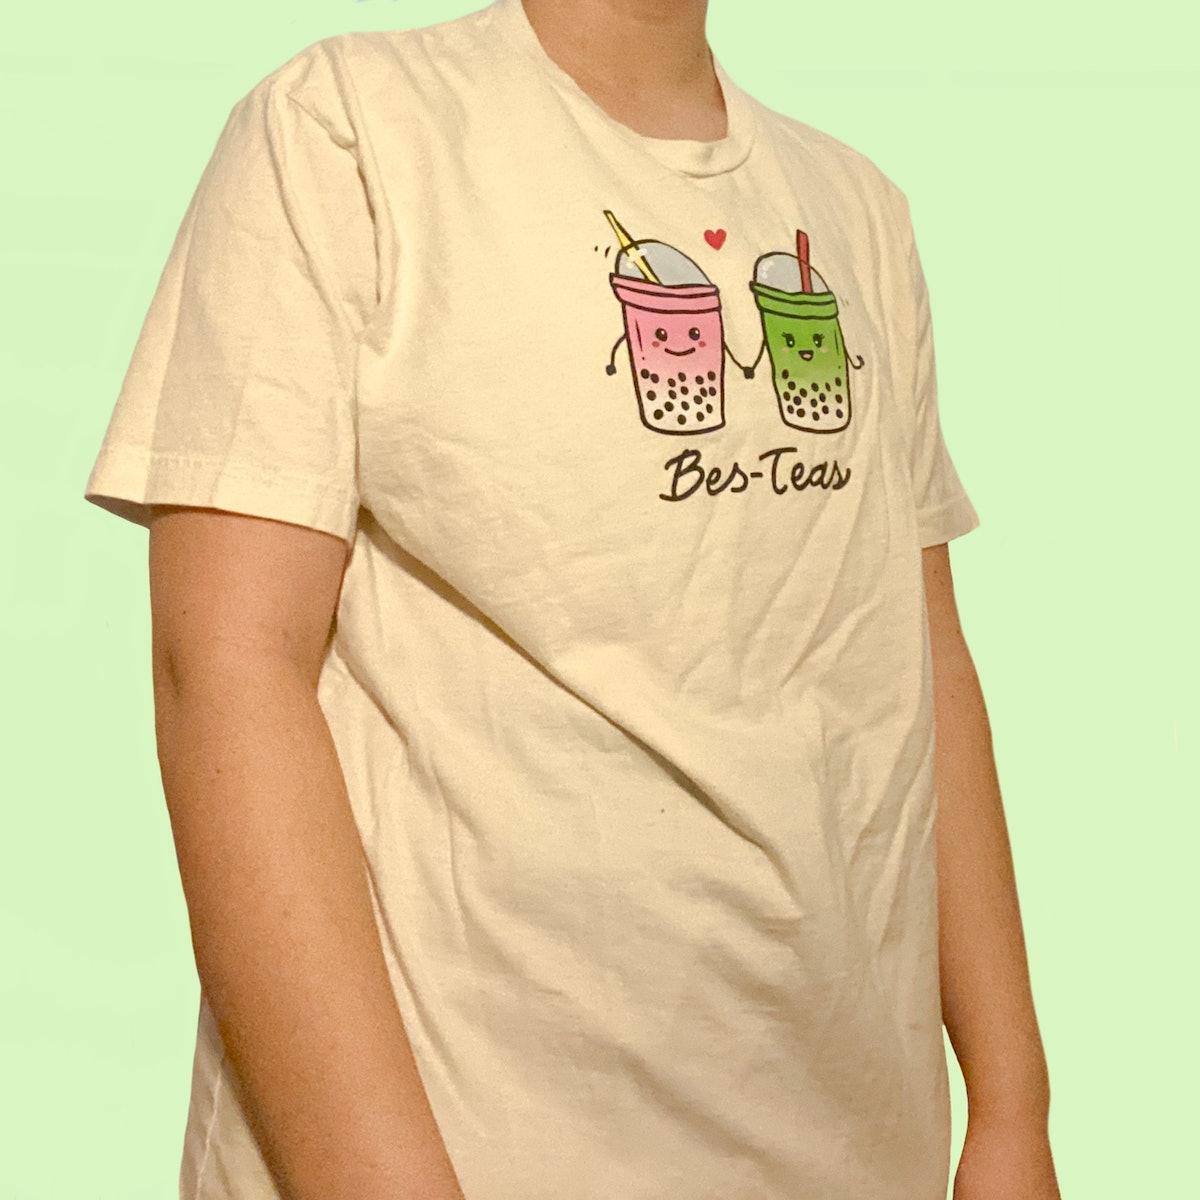 Beckettsam Boba T-Shirt